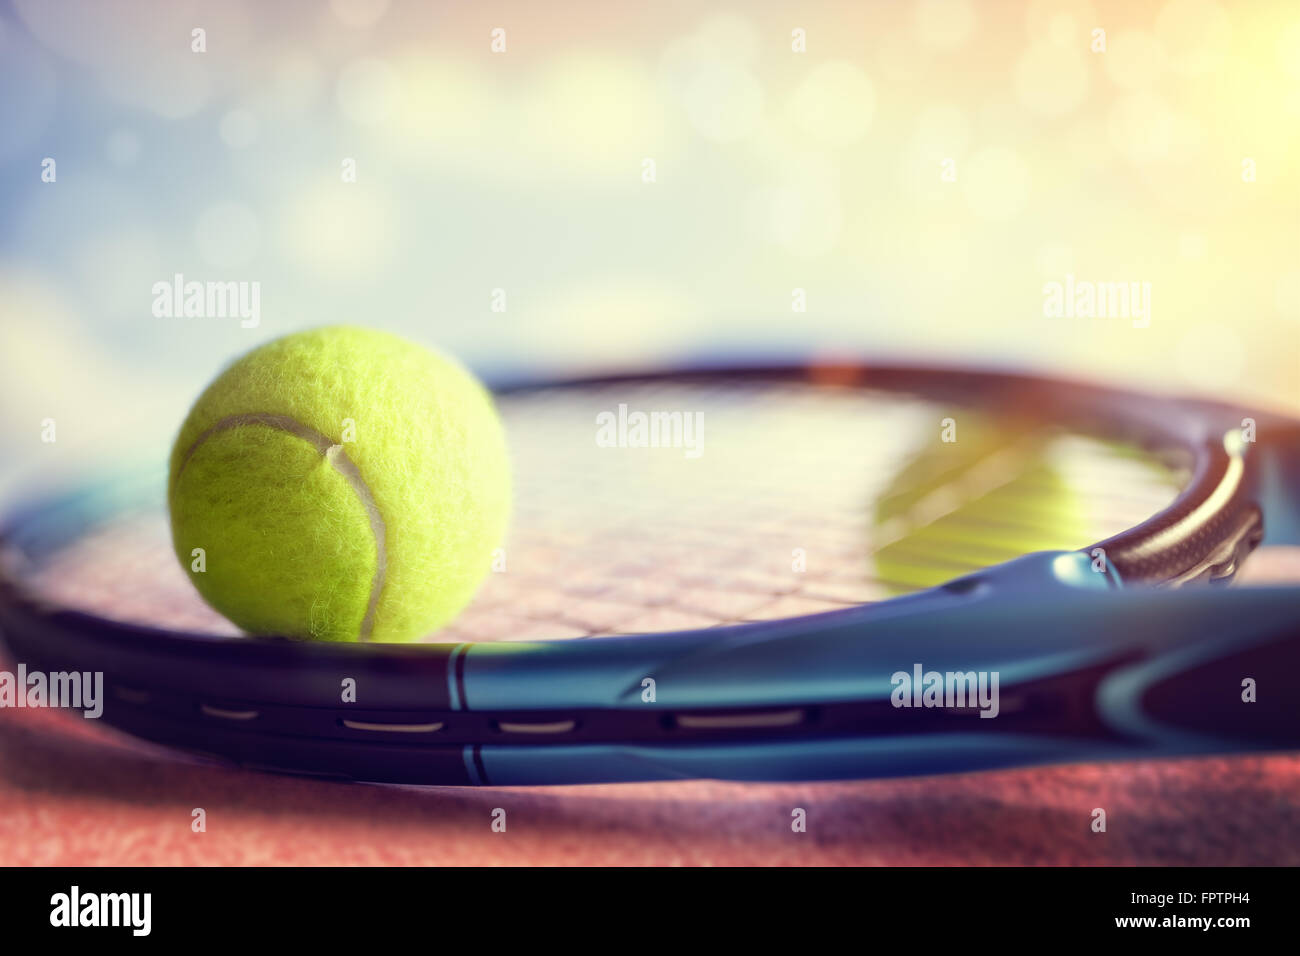 Palla da tennis in appoggio sulla sommità di una racchetta da tennis su un asfalto rosso corte Immagini Stock